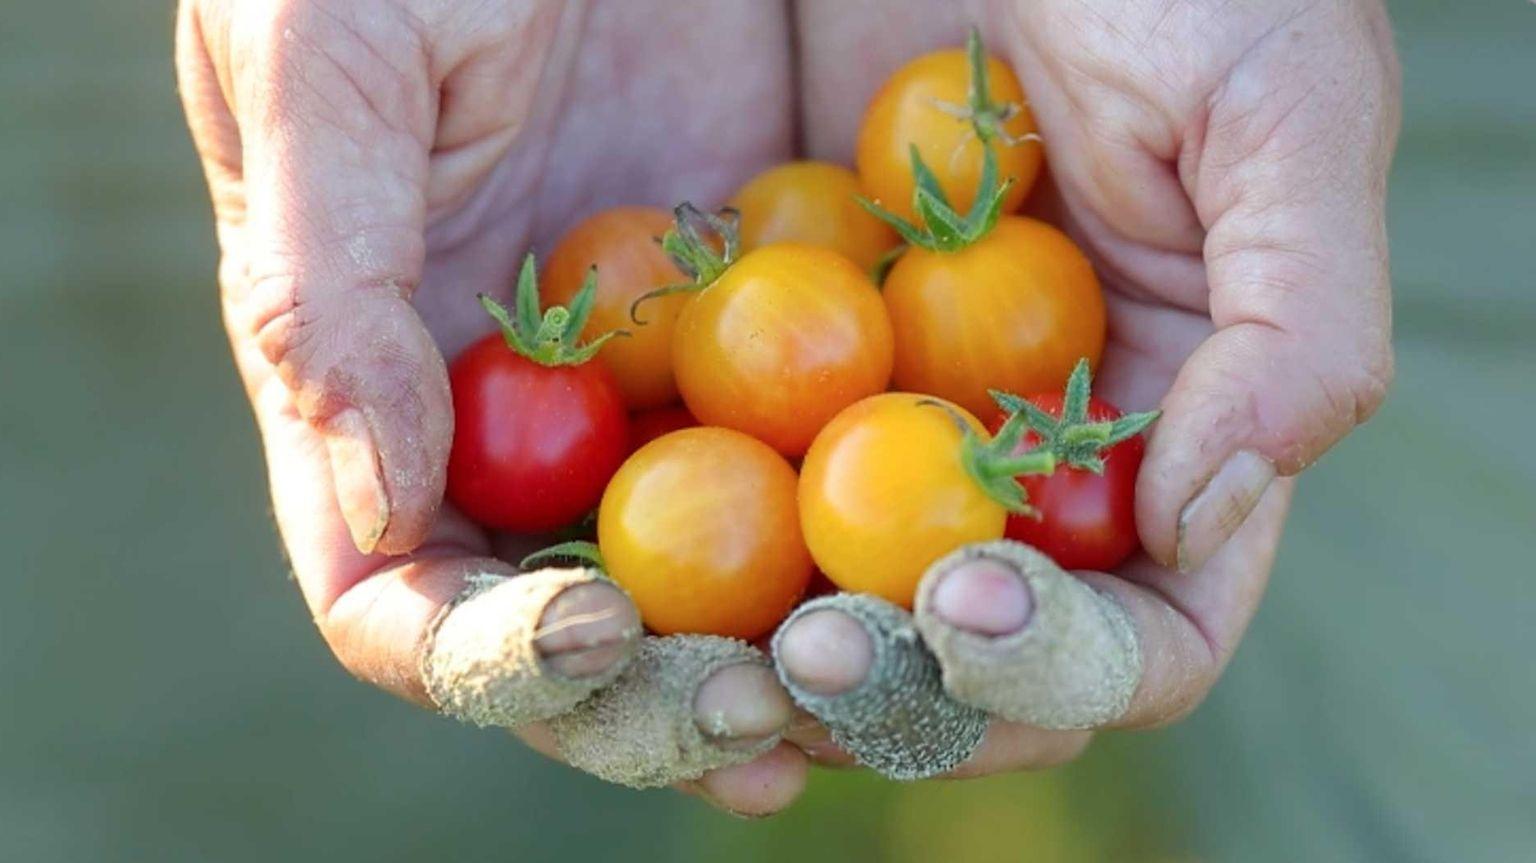 East End farmer seeks seed revolution